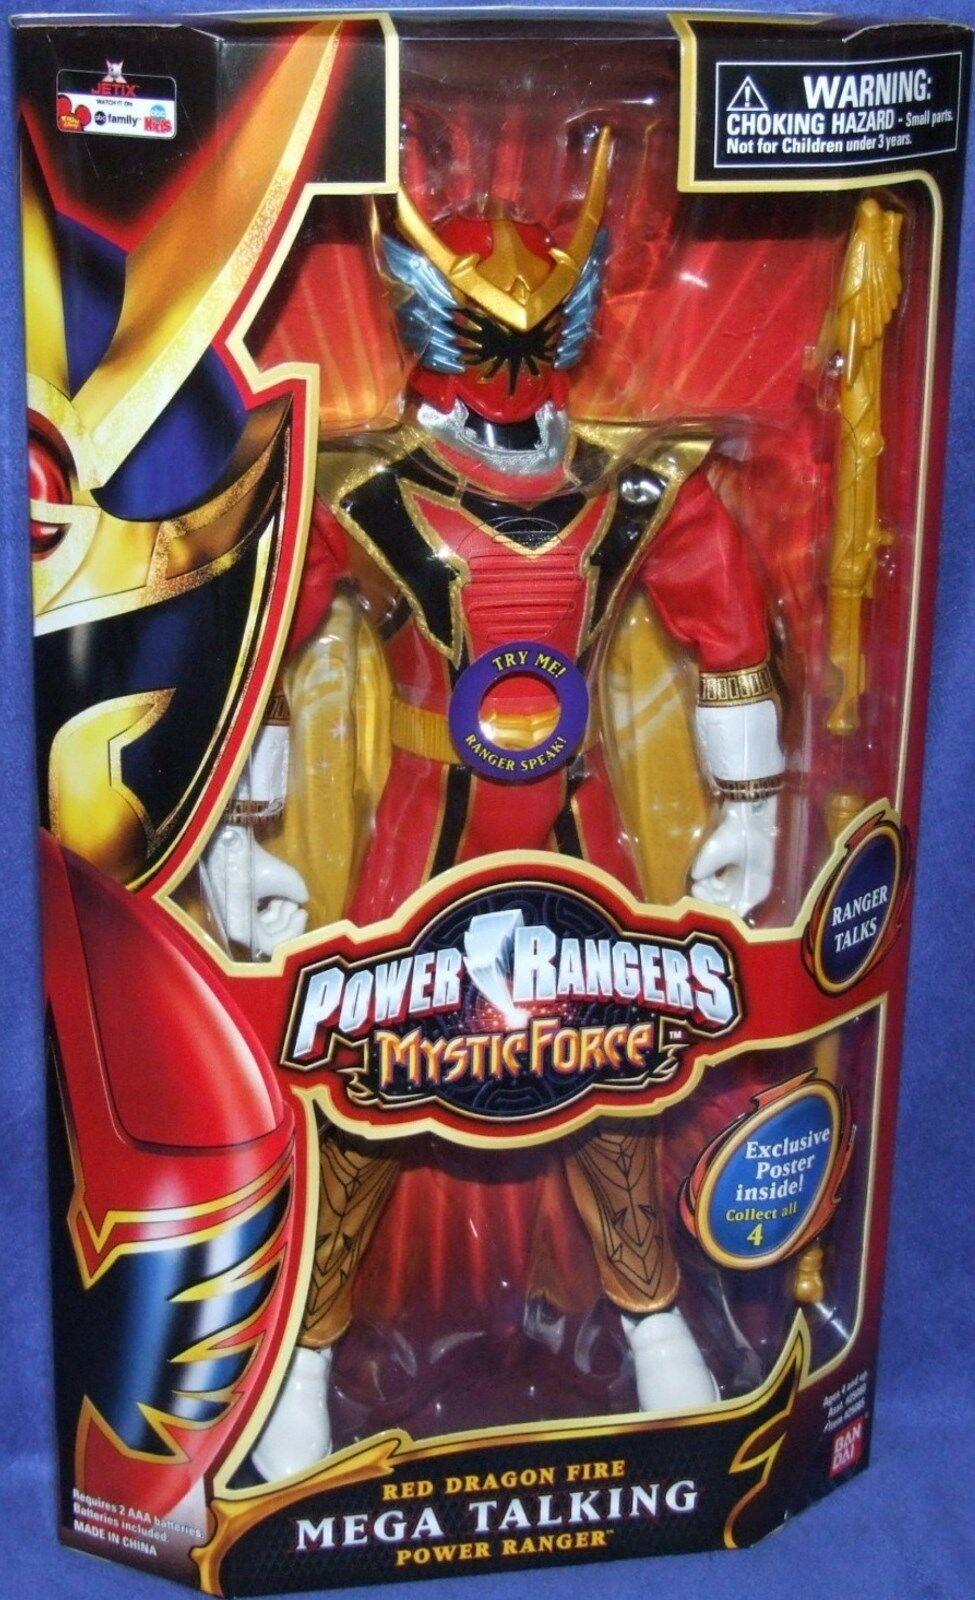 nueva gama alta exclusiva Power Rangers Mystic Force 12  Mega rojo rojo rojo Fire Dragon hablando Ranger 2006 Nuevo  cómodamente